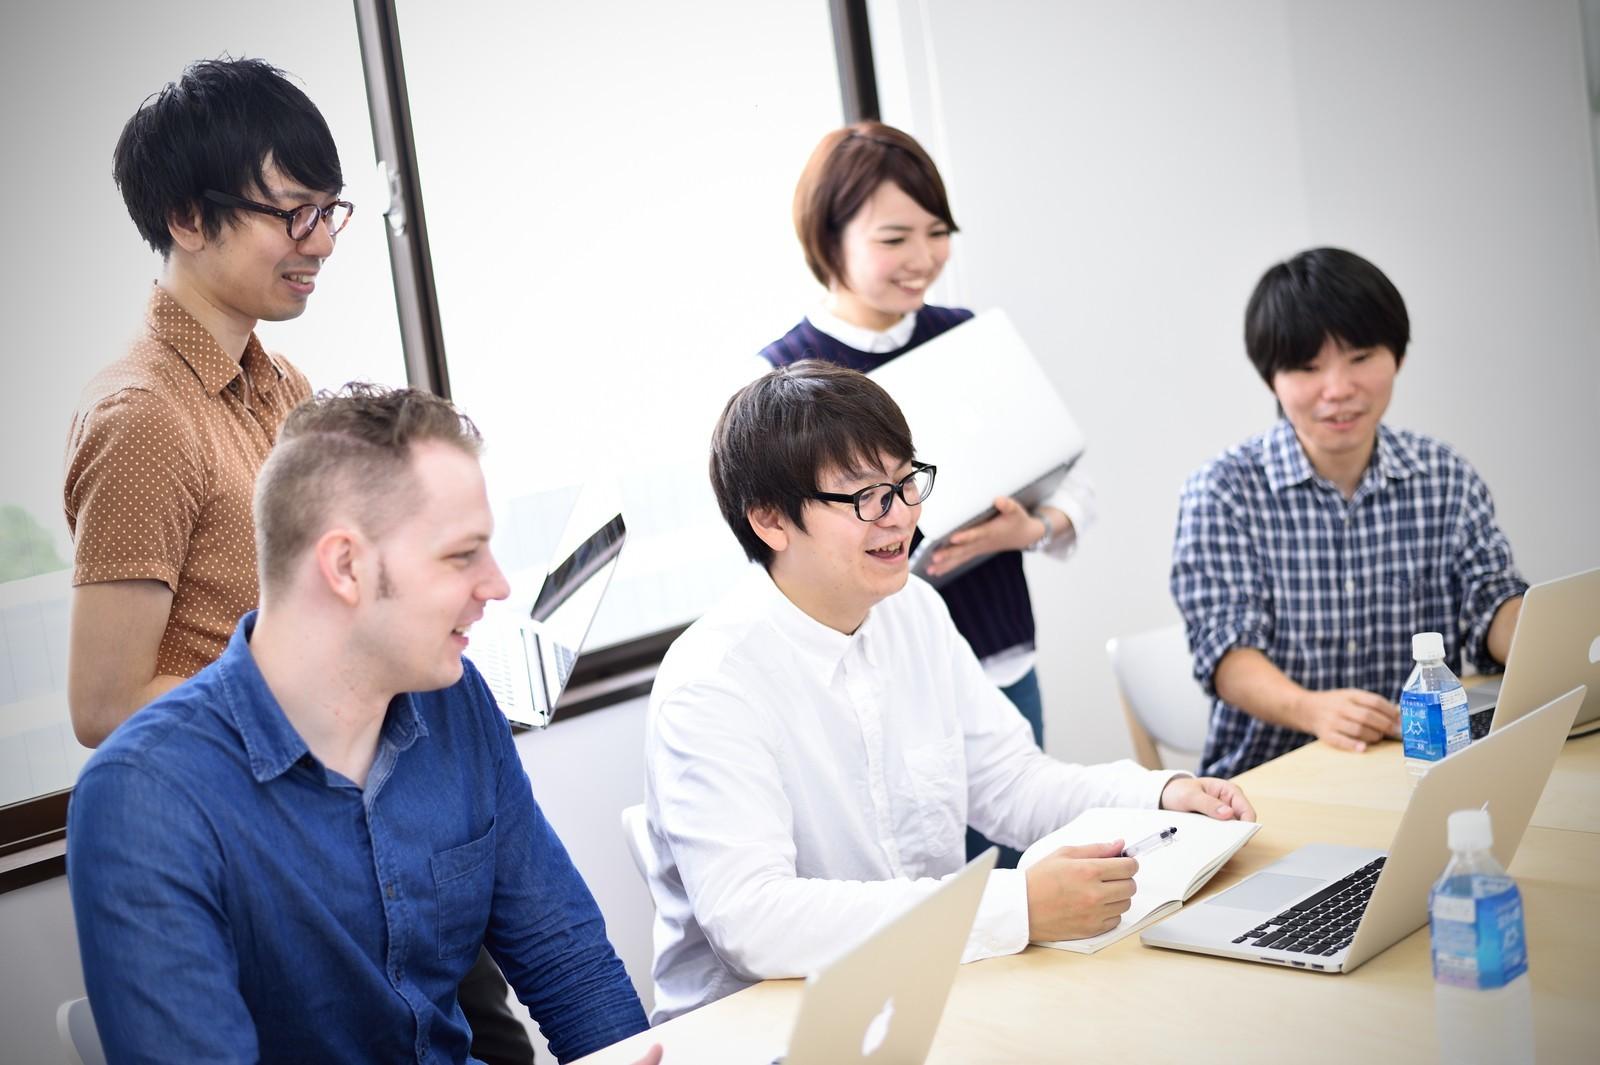 アプリDL数300万件突破メディア運営企業がエンジニアを支えるプロジェクトマネージャー募集